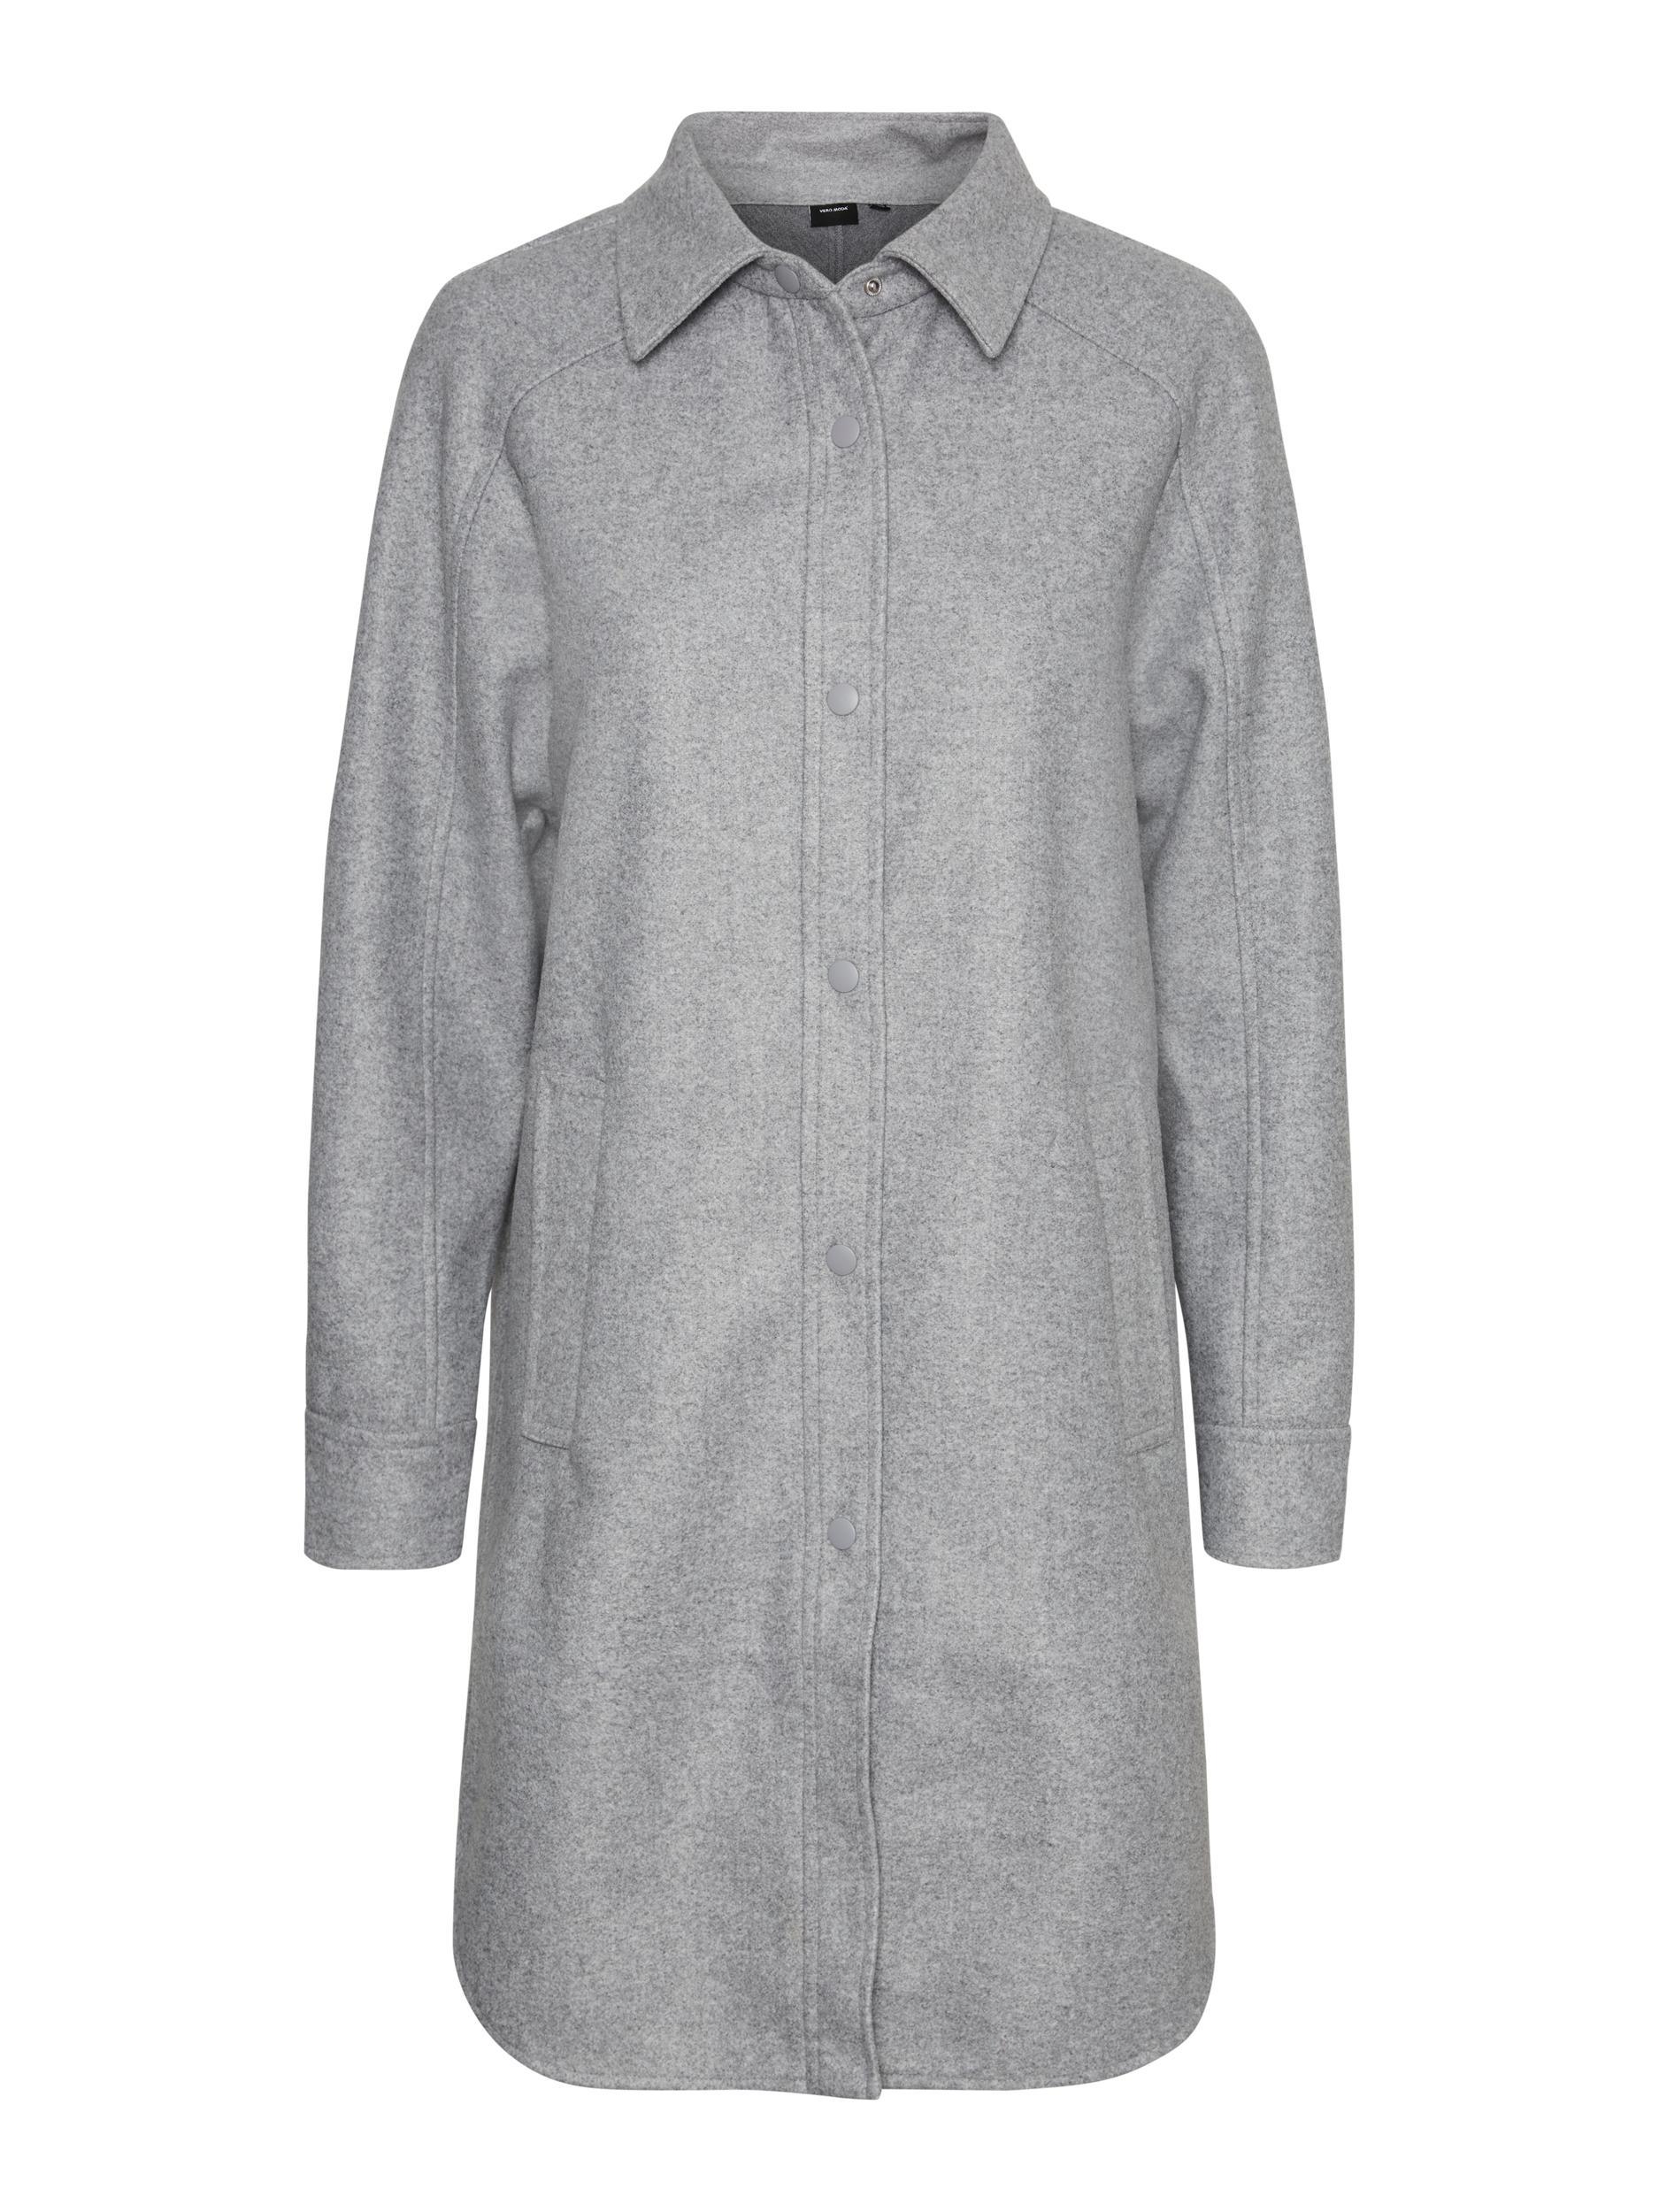 Vero Moda dámský lehký flaušový kabát Fortune Lola šedý